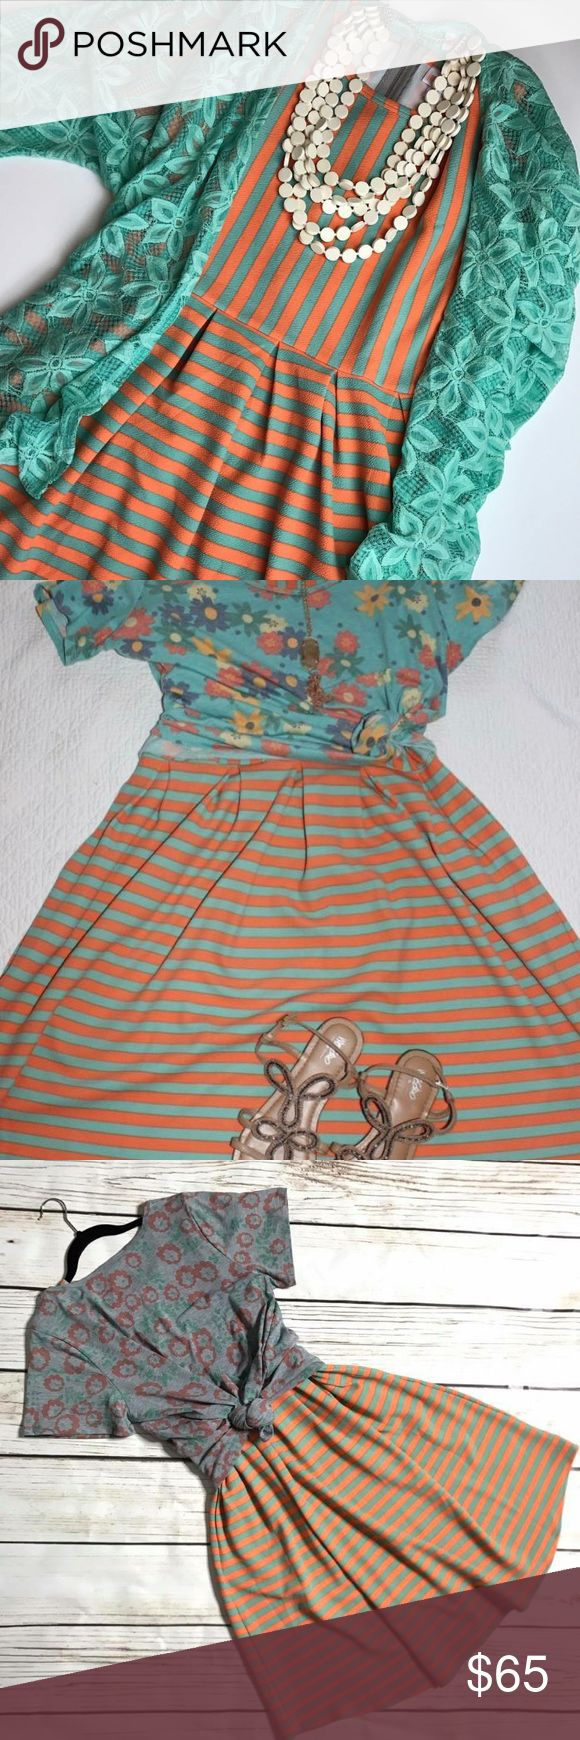 NWT Striped Lularoe Amelia Dress. Beautiful striped amelia dress. LuLaRoe Dresses